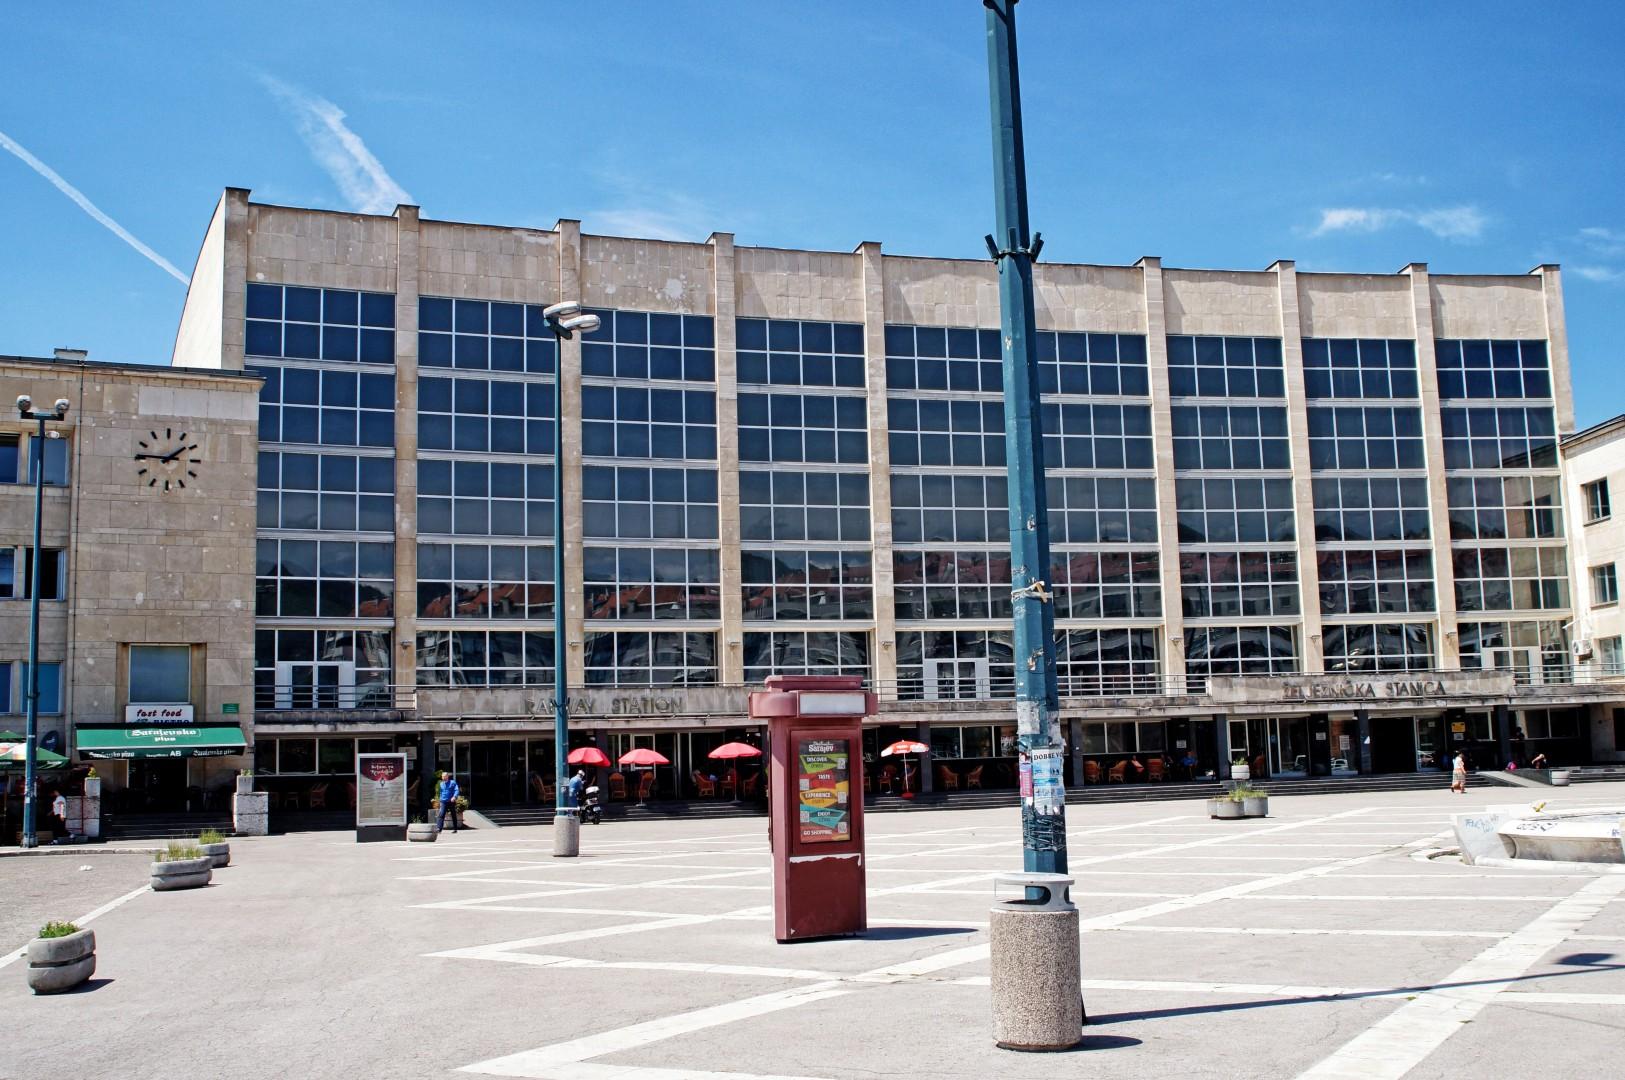 Dworzec kolejowy w Sarajewie